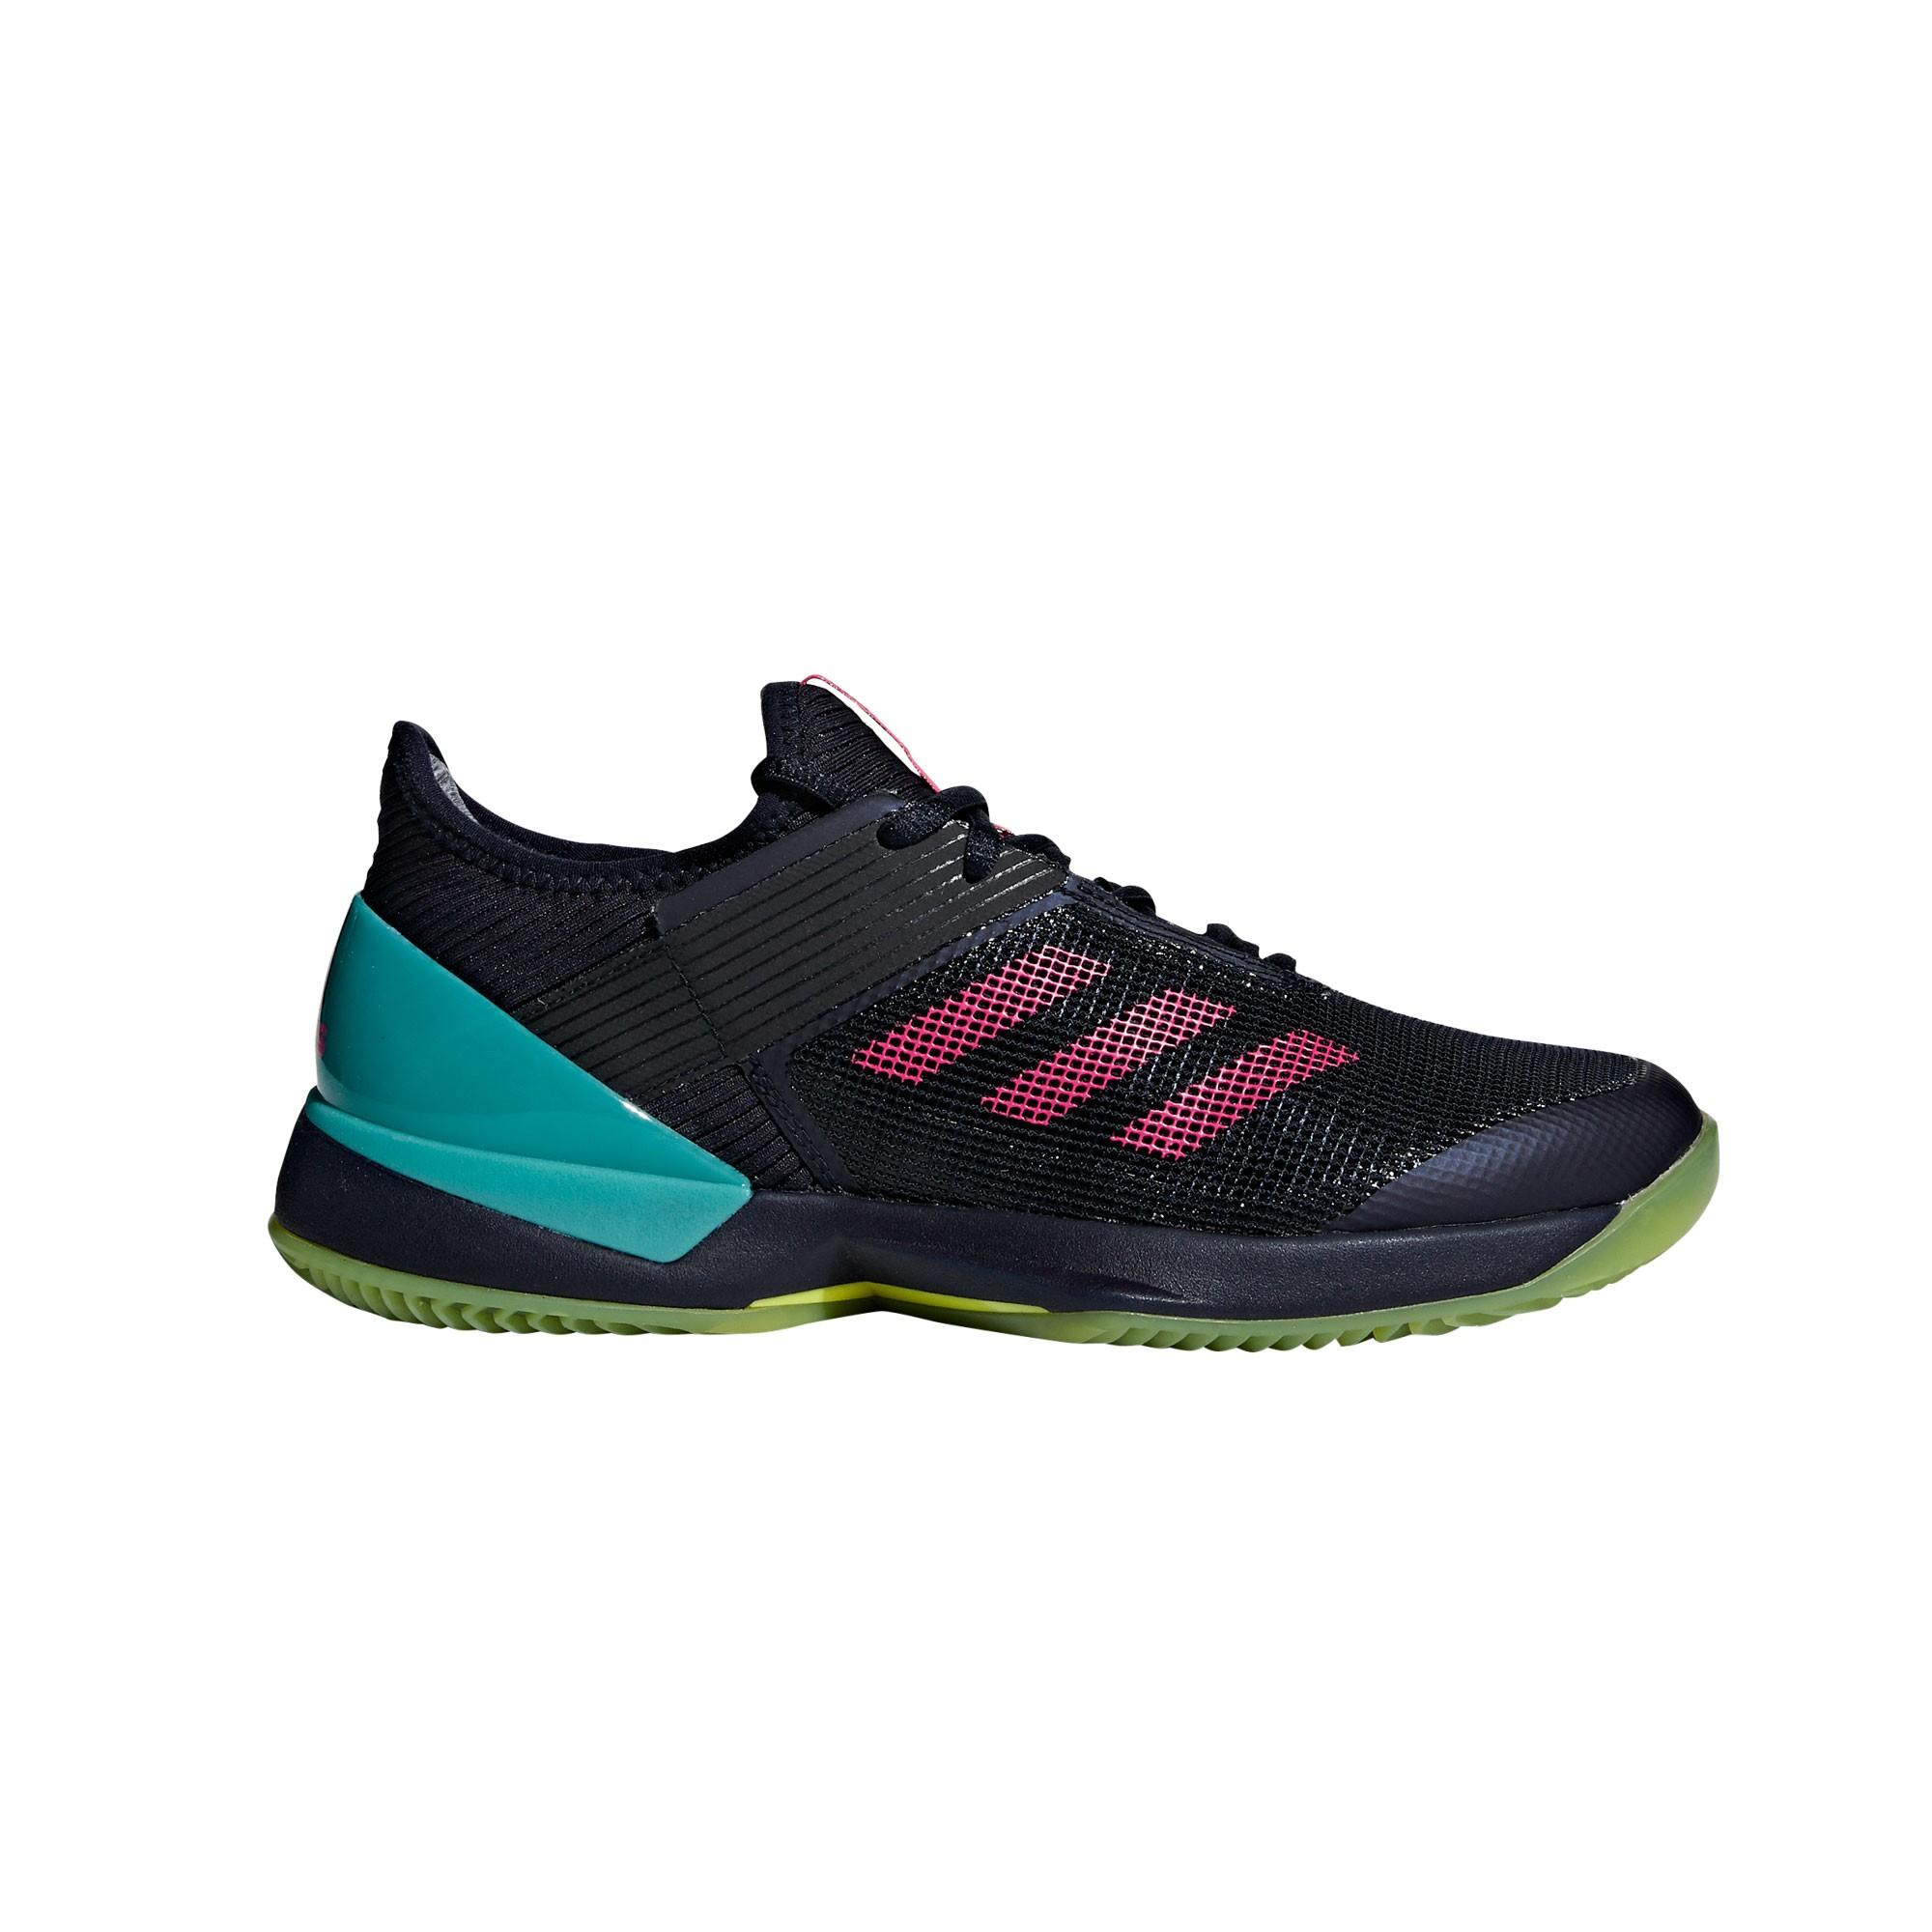 Afbeelding van Adidas Adizero Ubersonic 3.0 Clay AH2150 Tennisschoenen Dames Legend Ink Shock Pink